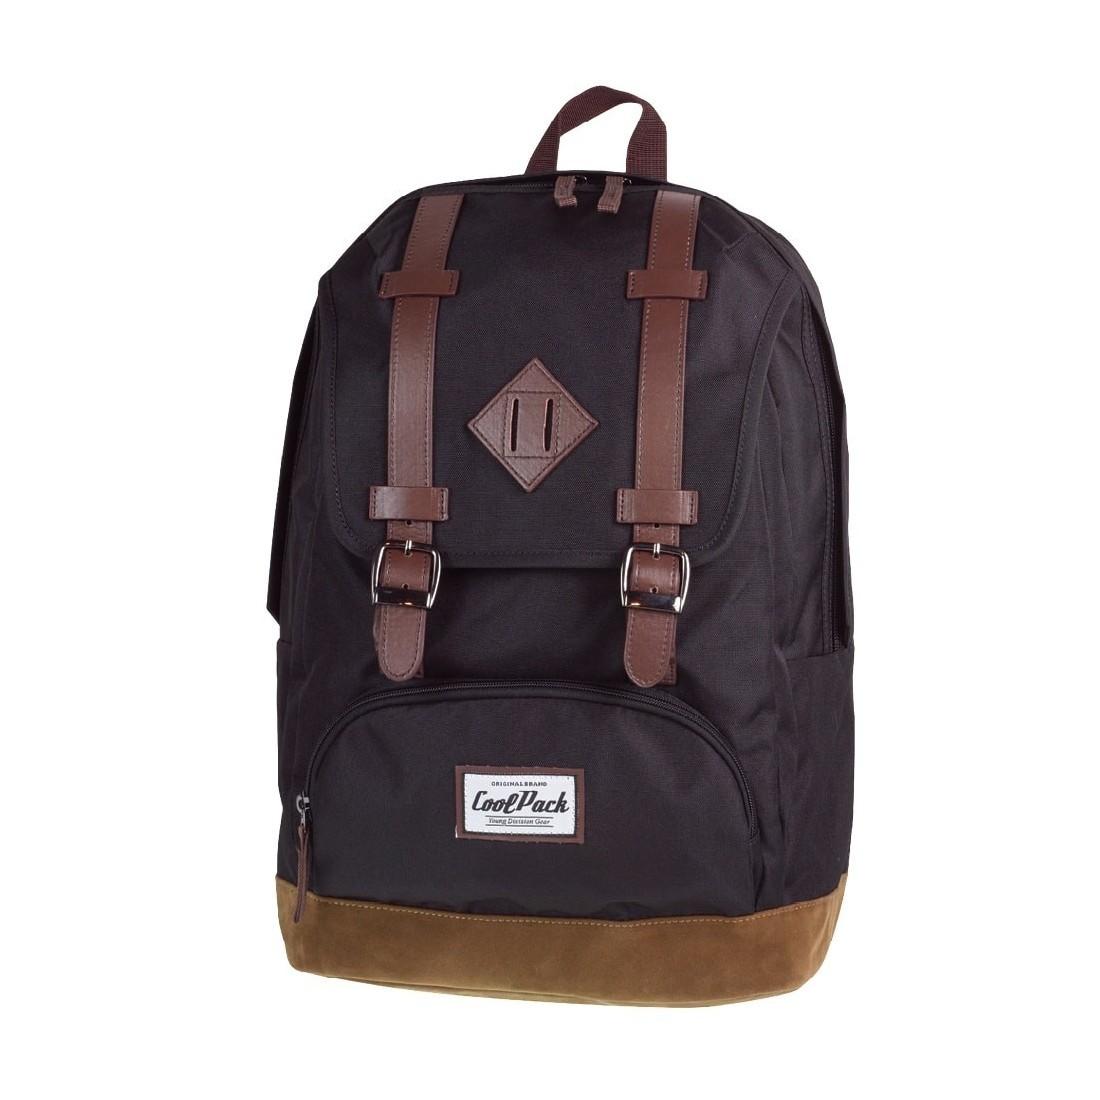 f4cd49ad2a8de Lekki plecak miejski CoolPack w stylu Vintage dla młodzieży szkolnej. Plecak  posiada oryginalny design